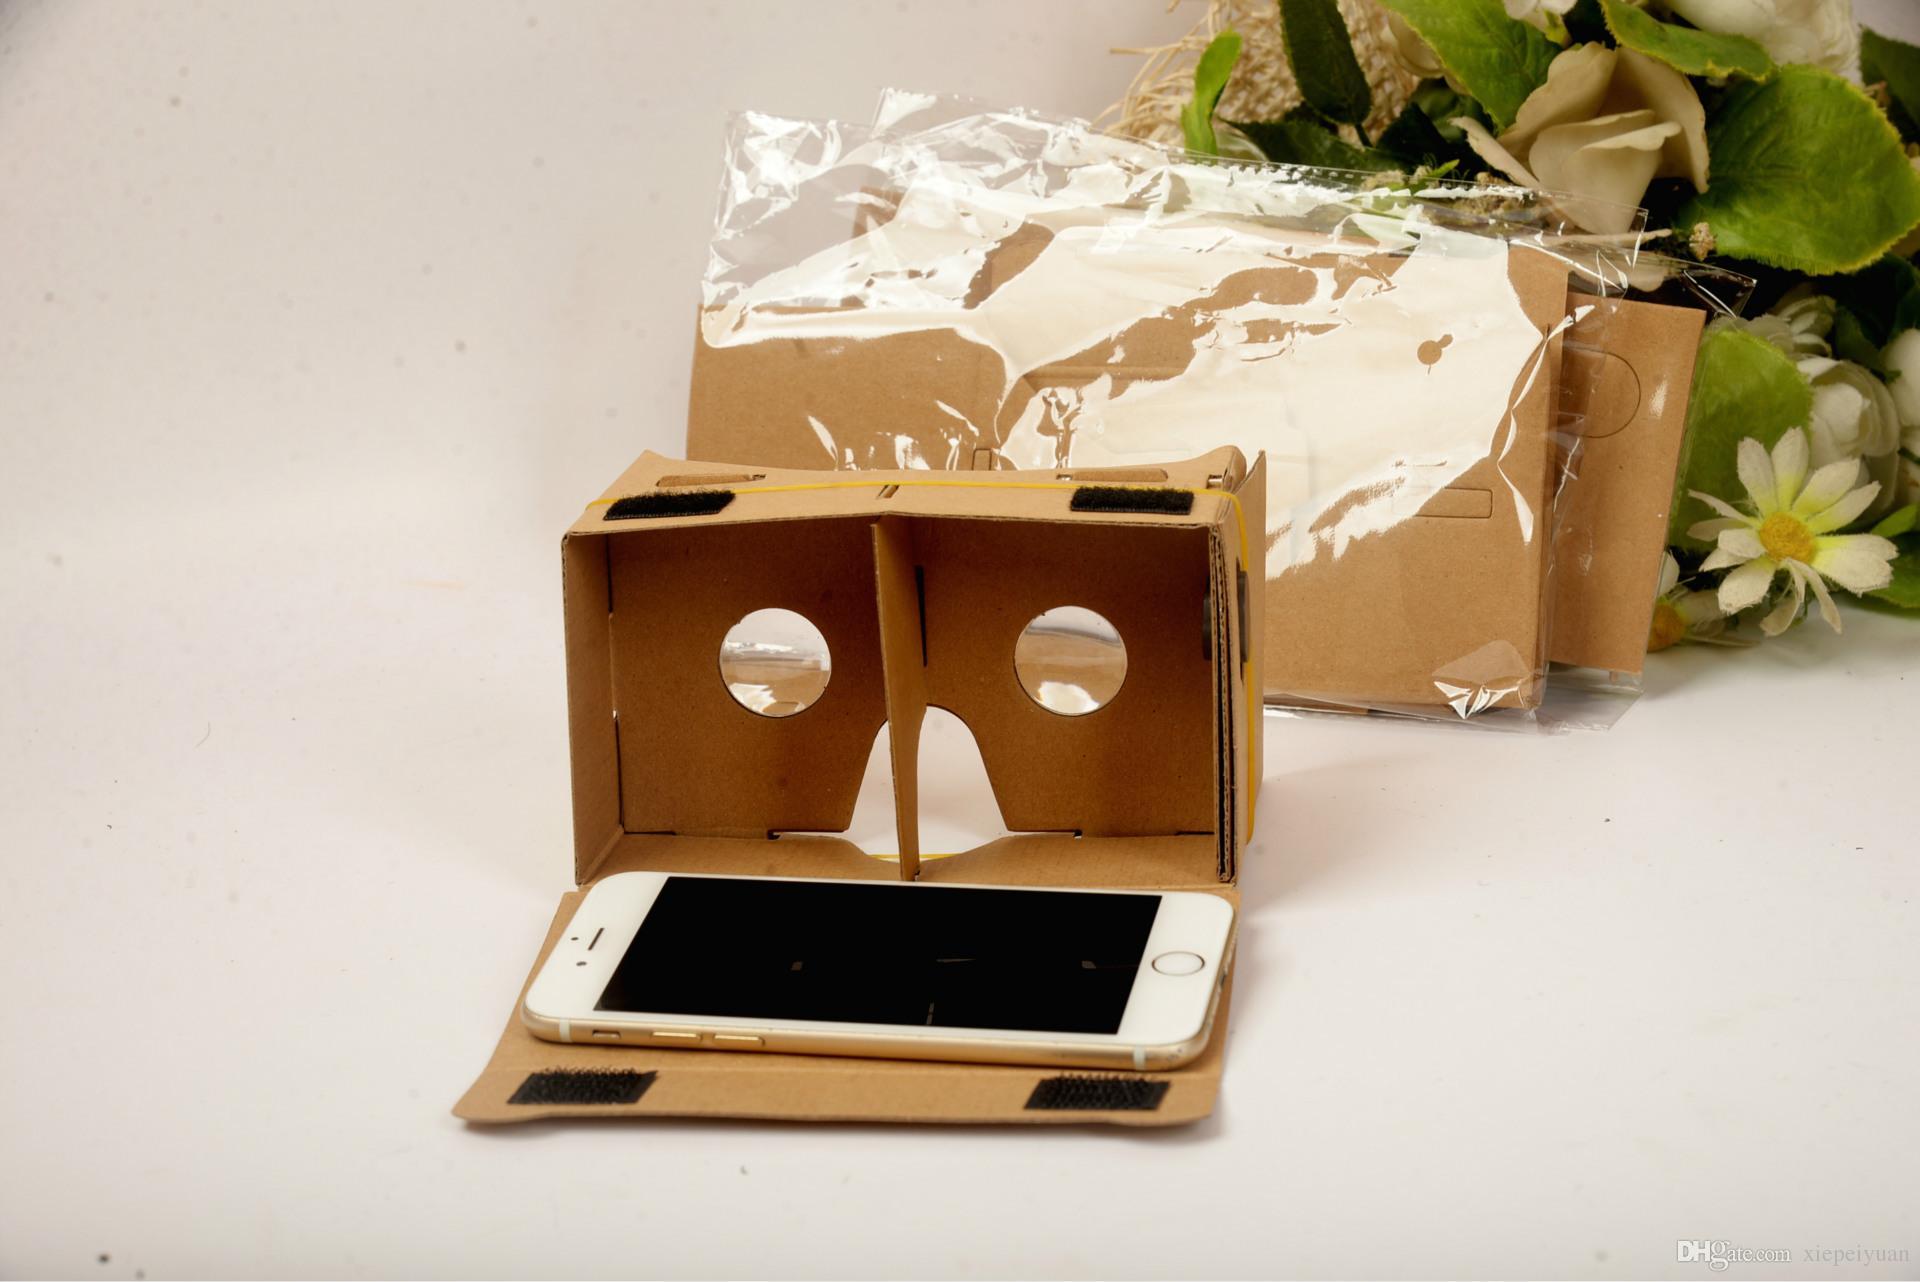 50 PZ Occhiali 3D Occhiali VR FAI DA TE Google Cartone Cellulare Realtà Virtuale Unofficial Cartone VR Toolkit Occhiali 3D CCA1785 B-XY